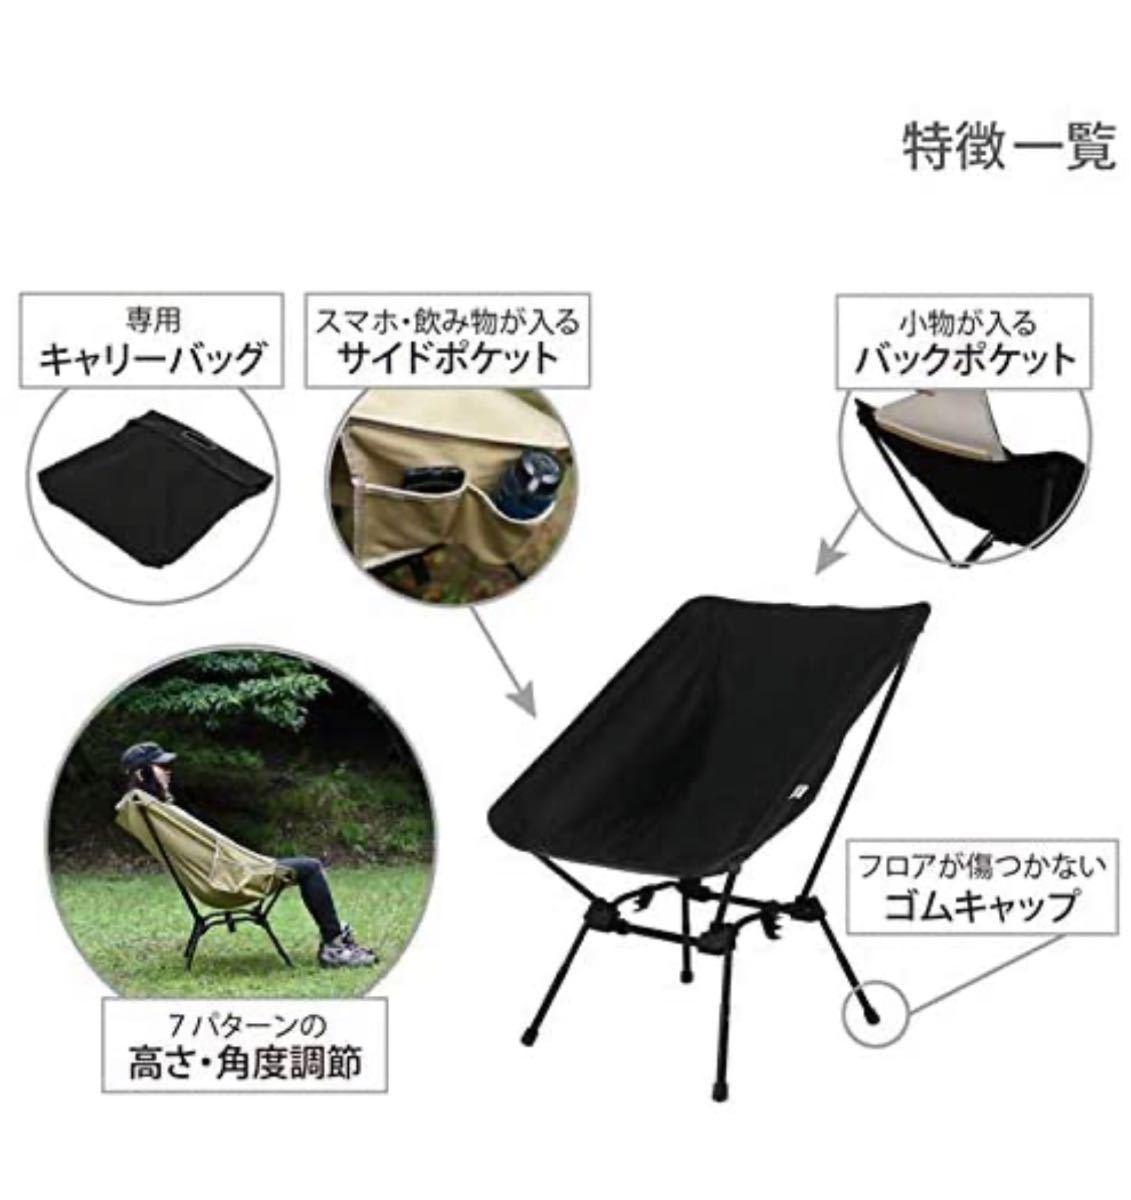 DOD 2脚セット コンパクトチェア キャンプ椅子 アウトドアチェア スゴイッス  ブラック